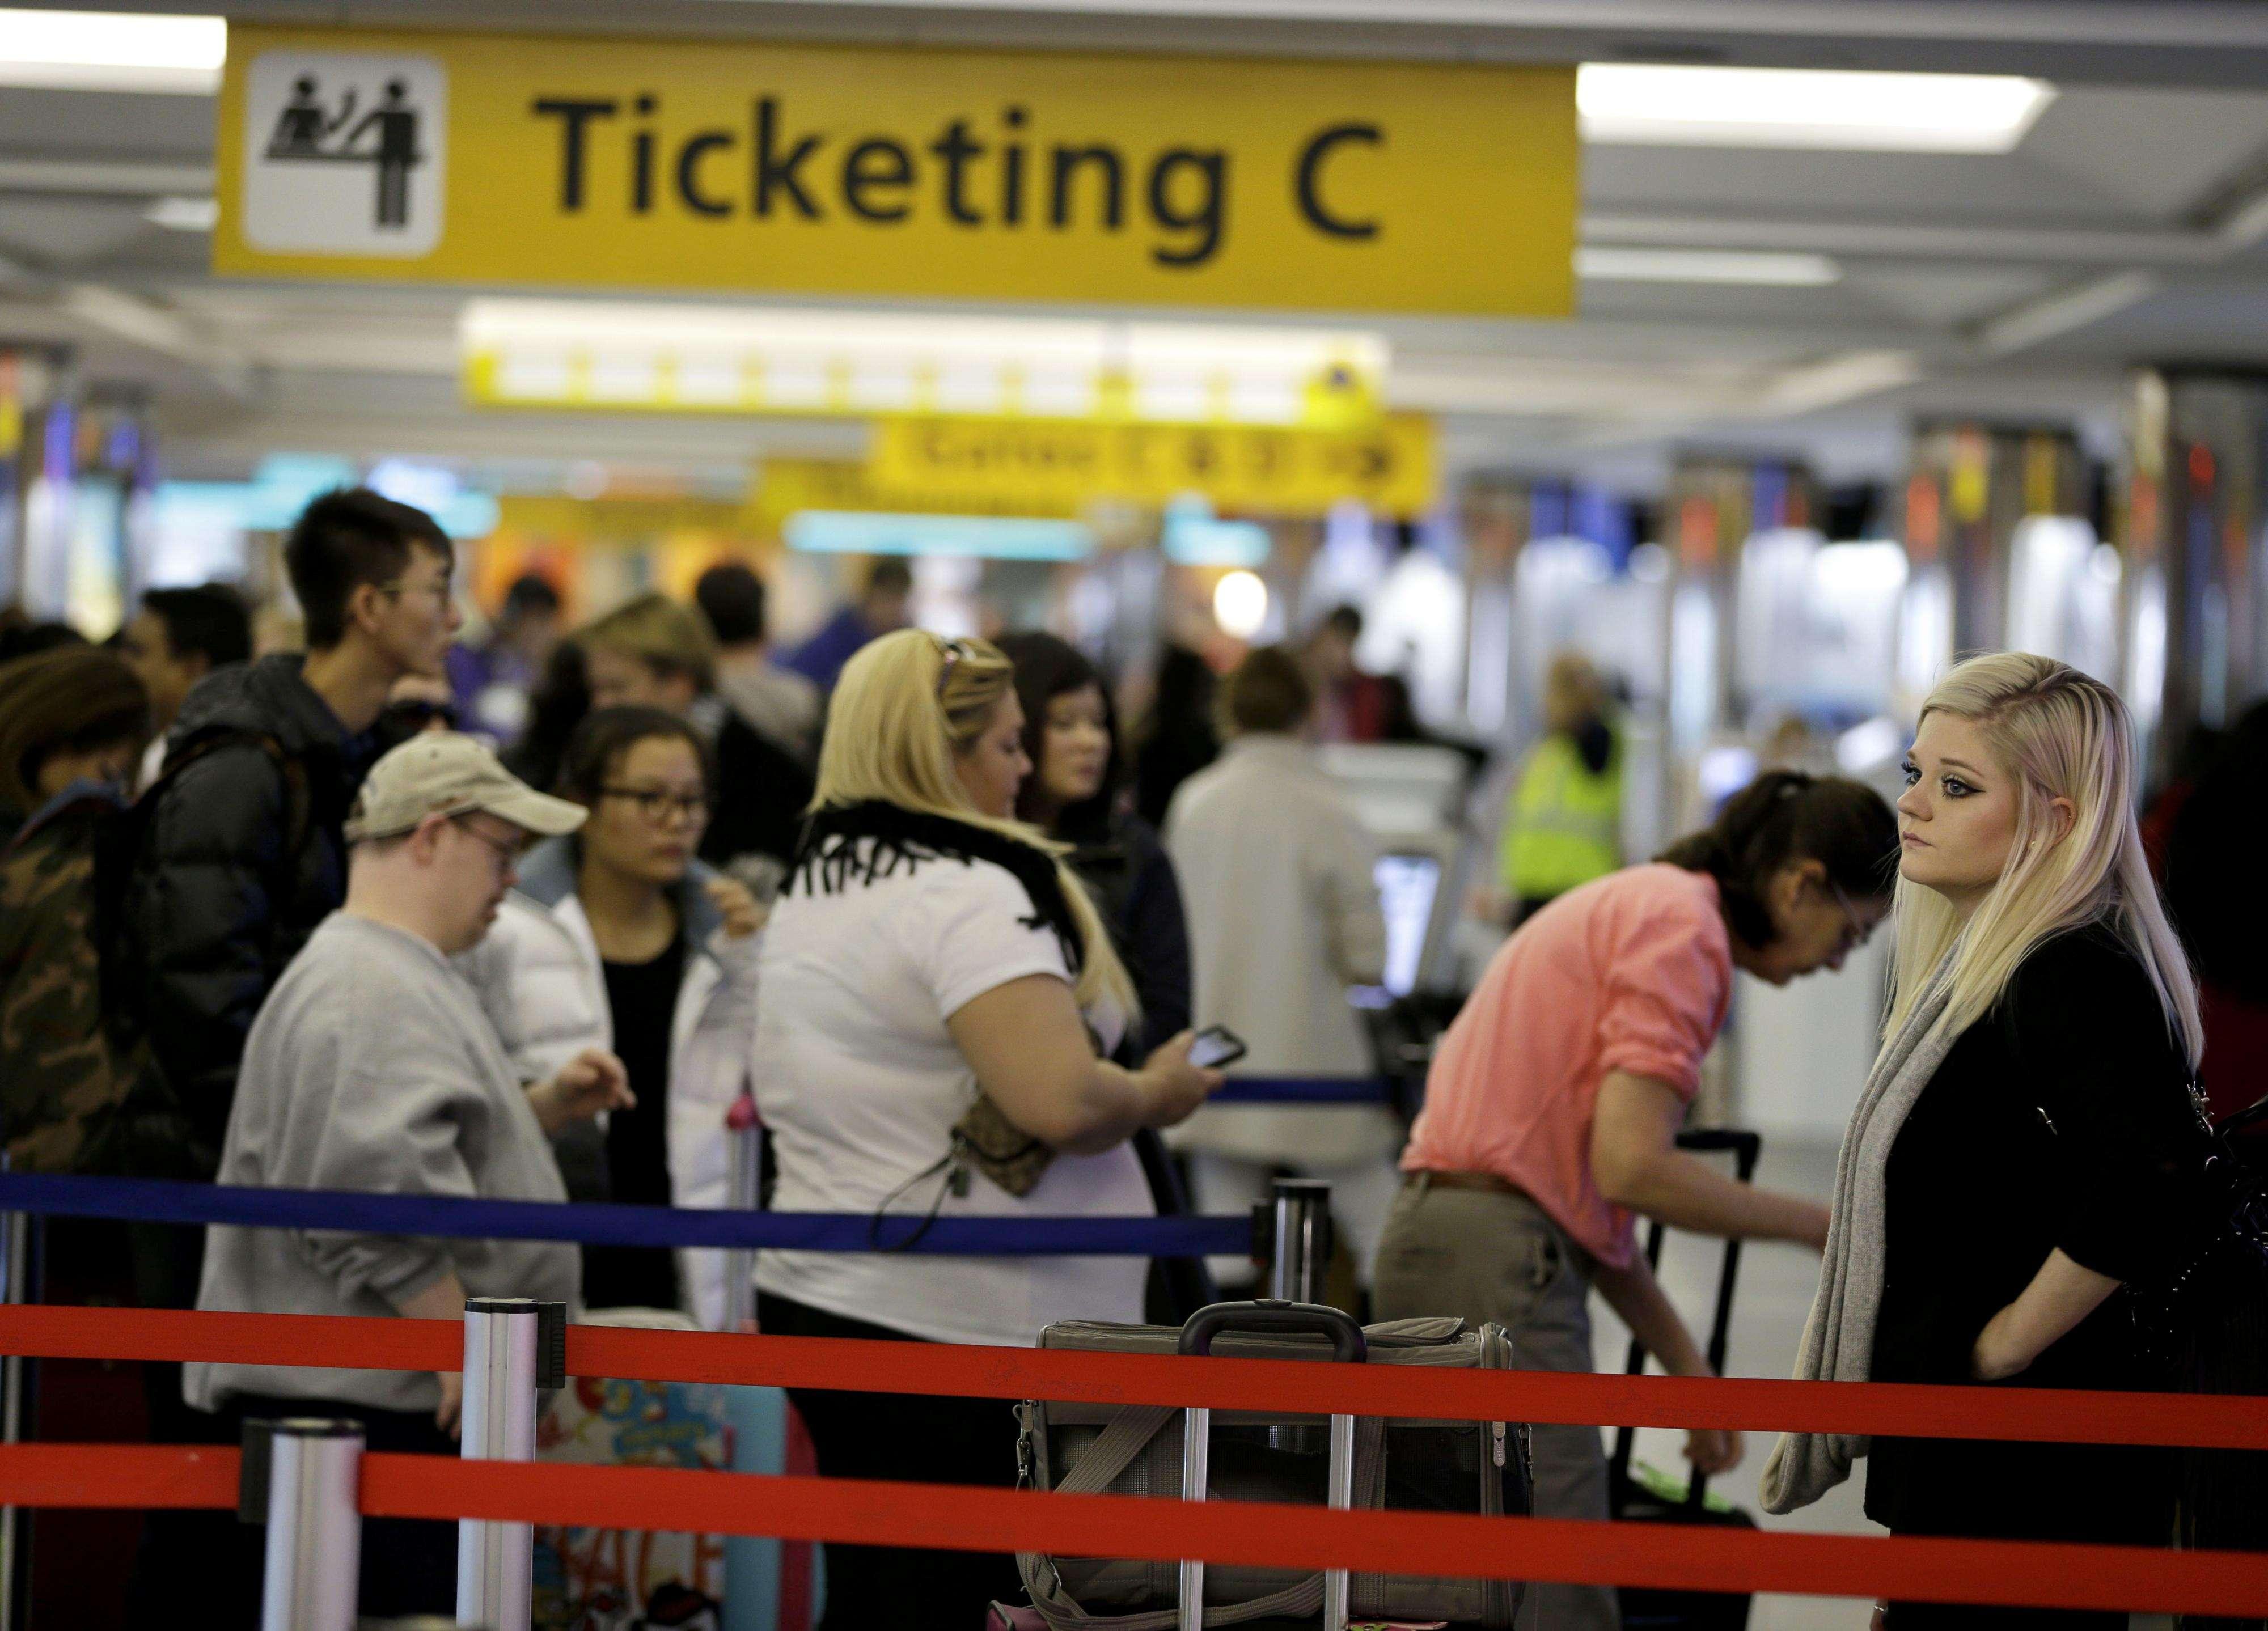 Viajeros hacen fila mientras esperan para embarcar en el aeropuerto de LaGuardia, en Nueva York, el 25 de noviembre de 2014, en los días previos al feriado de Acción de Gracias.( Foto: AP en español